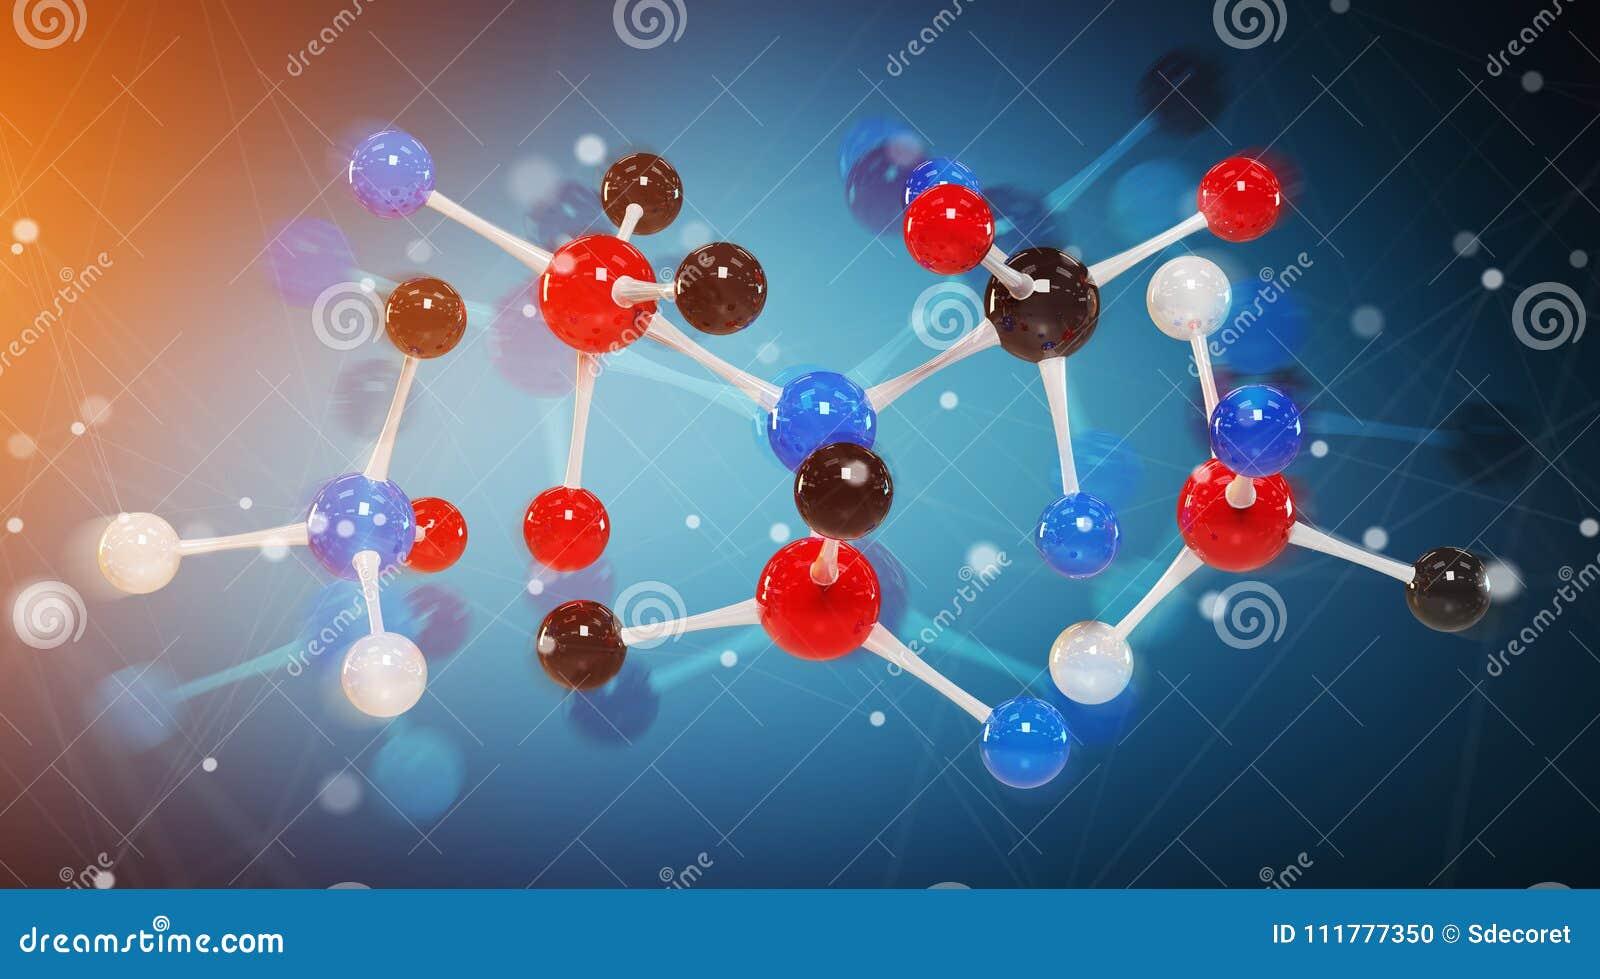 Rendição digital moderna da estrutura 3D da molécula